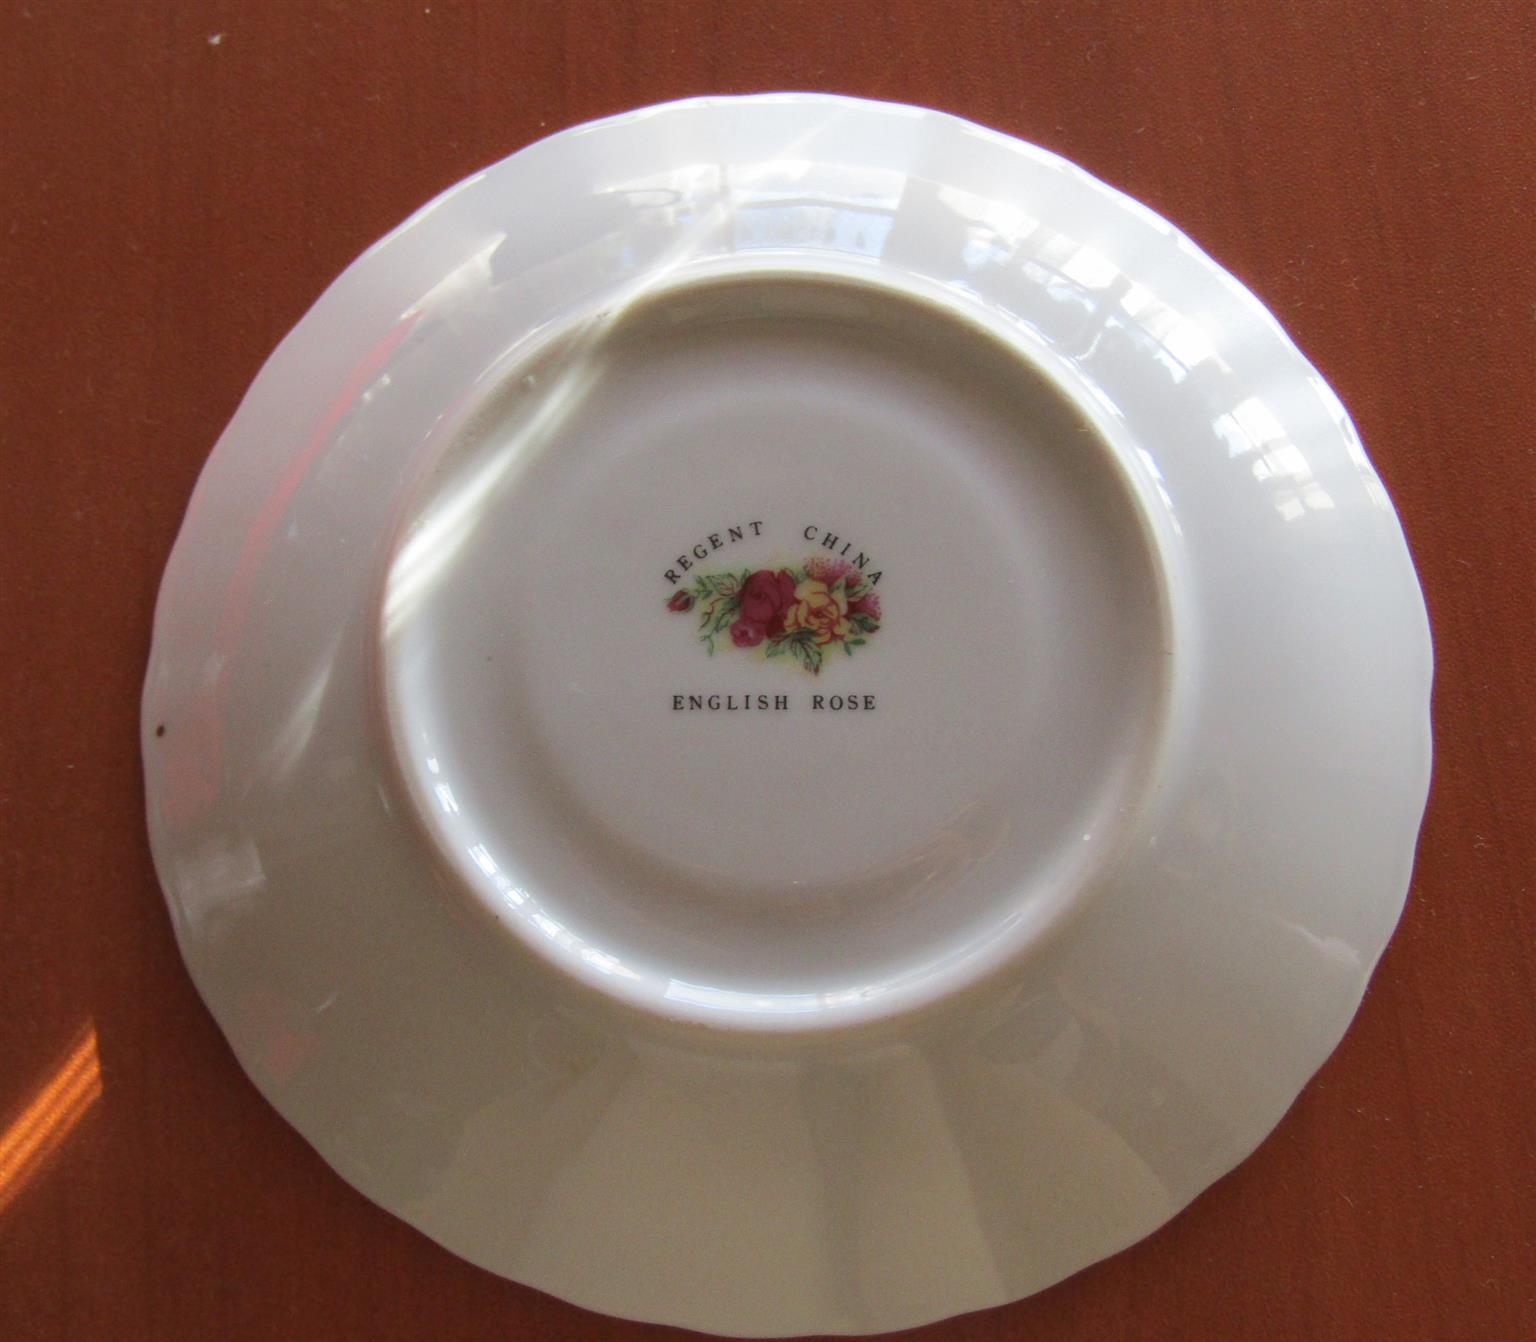 English Rose, Regent China Cup & Saucer Duo